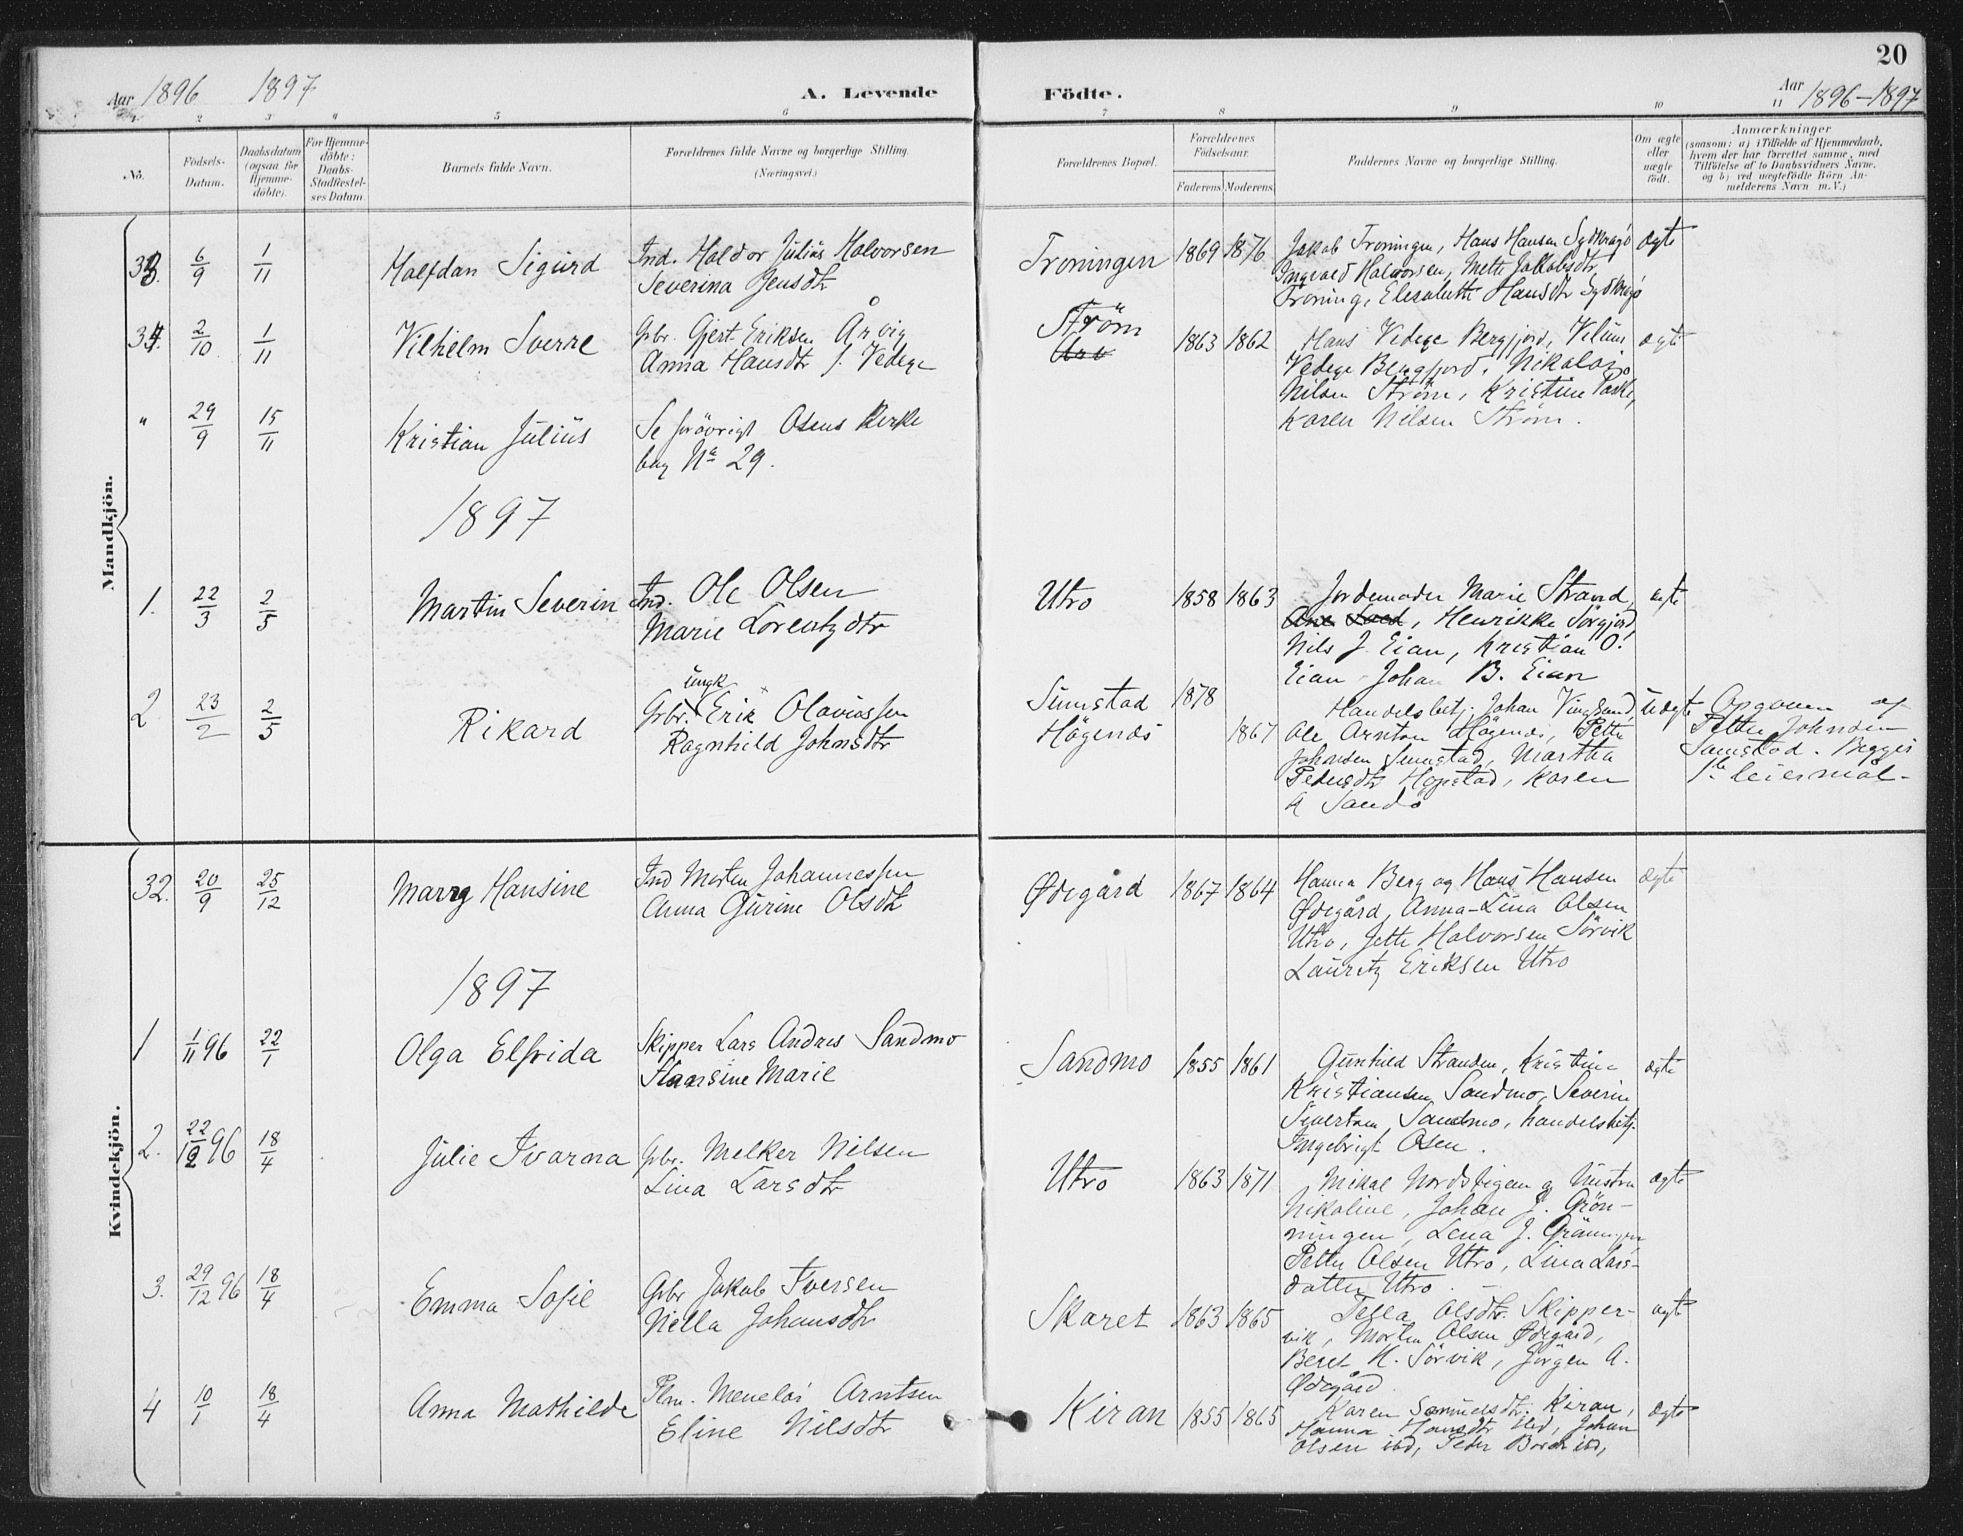 SAT, Ministerialprotokoller, klokkerbøker og fødselsregistre - Sør-Trøndelag, 657/L0708: Ministerialbok nr. 657A09, 1894-1904, s. 20